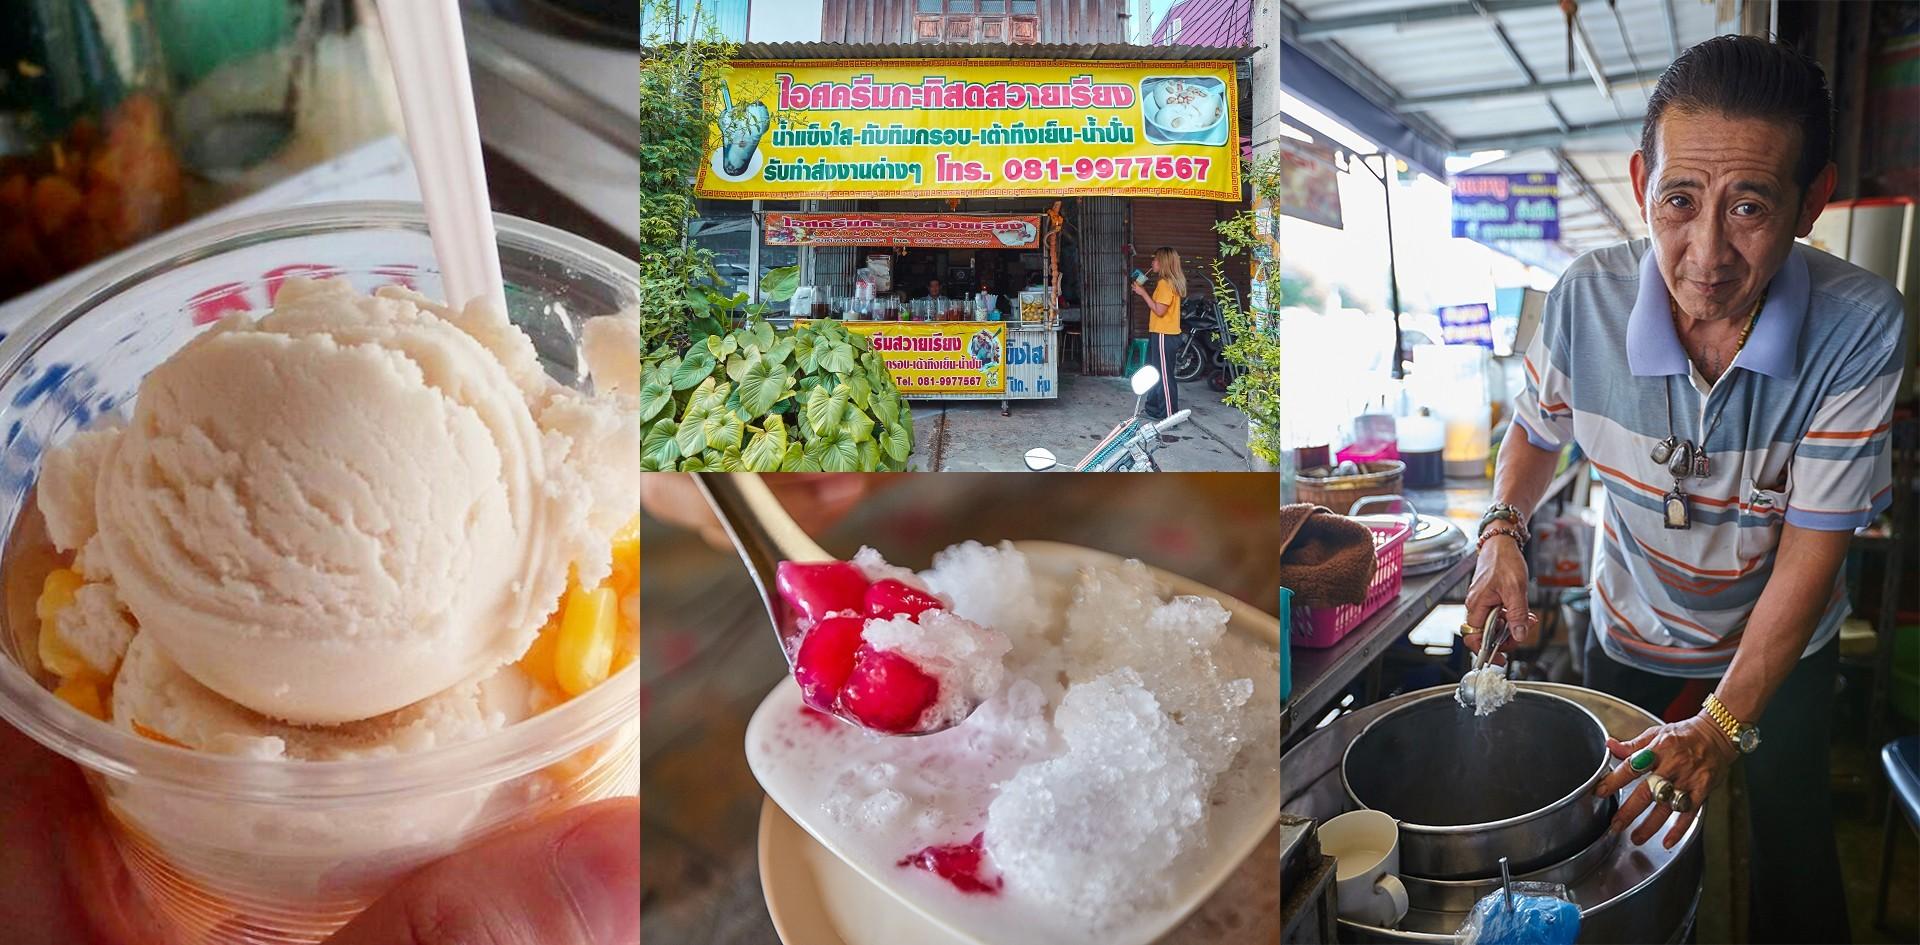 ร้านขนมหวานเก่าแก่ ร้านไอศกรีมกะทิสดสวายเรียง โคราช